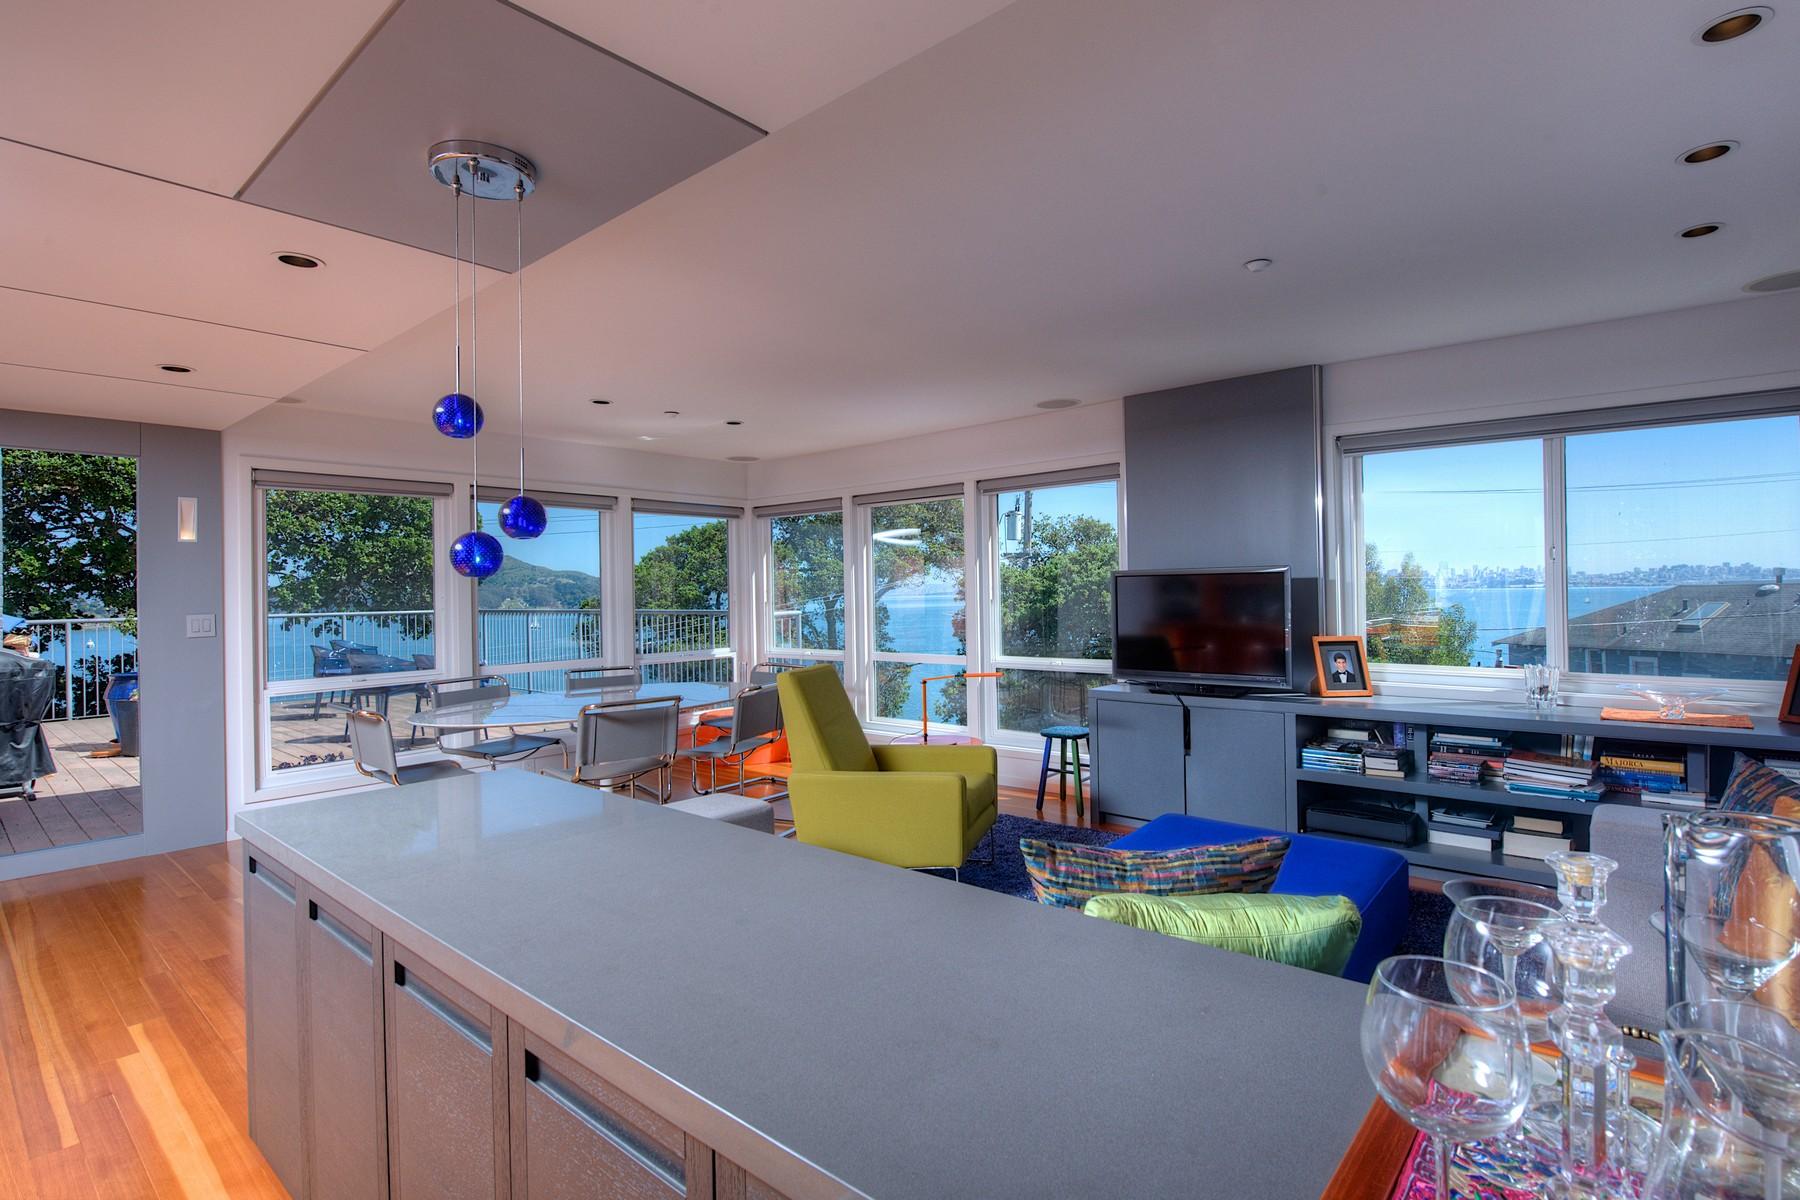 多户住宅 为 销售 在 Sausalito View 4 plex 45 Bulkley Avenue Sausalito, 加利福尼亚州 94965 美国